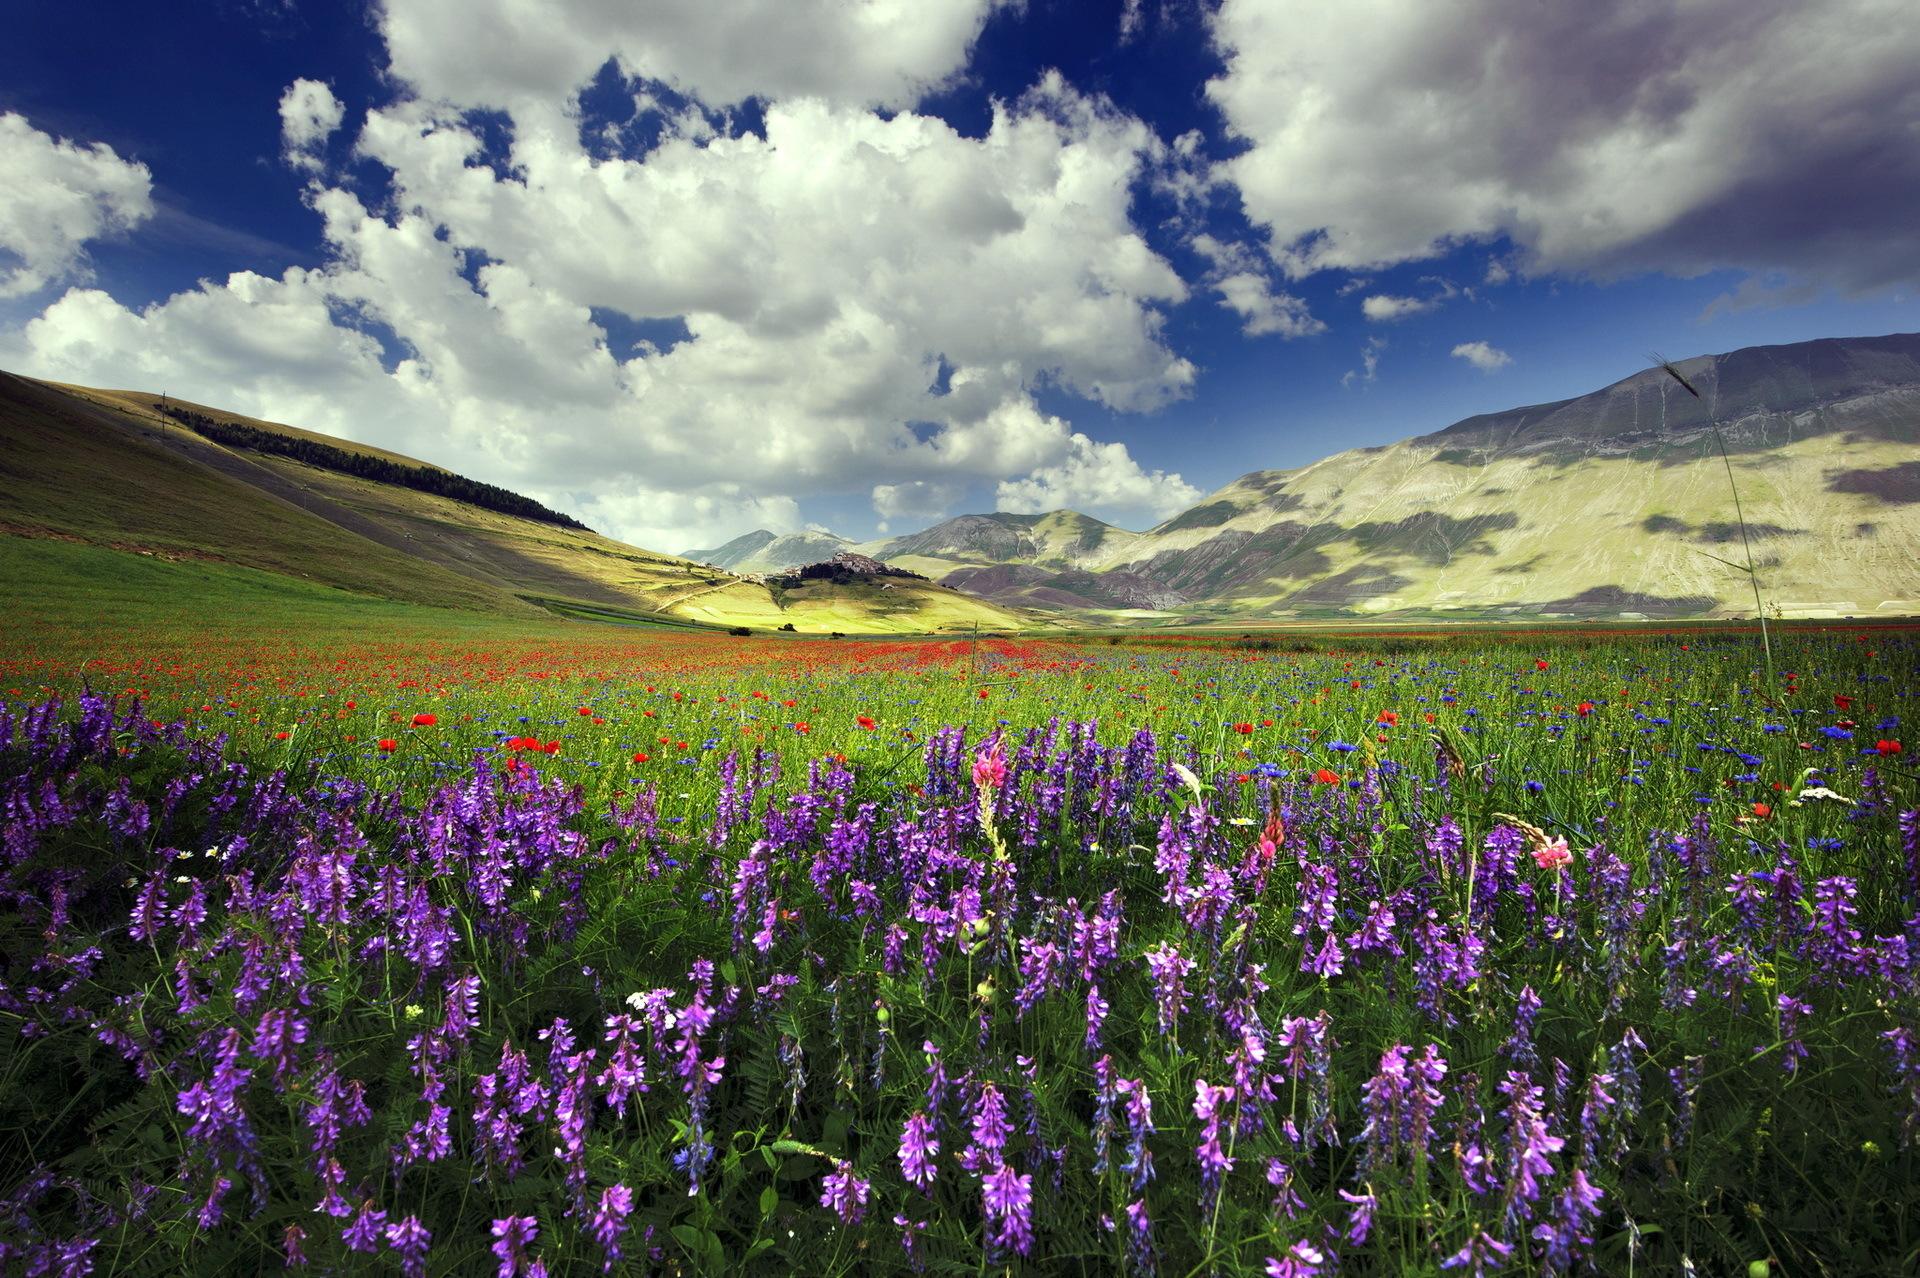 была фото пейзаж поле цветы одним самых сложных